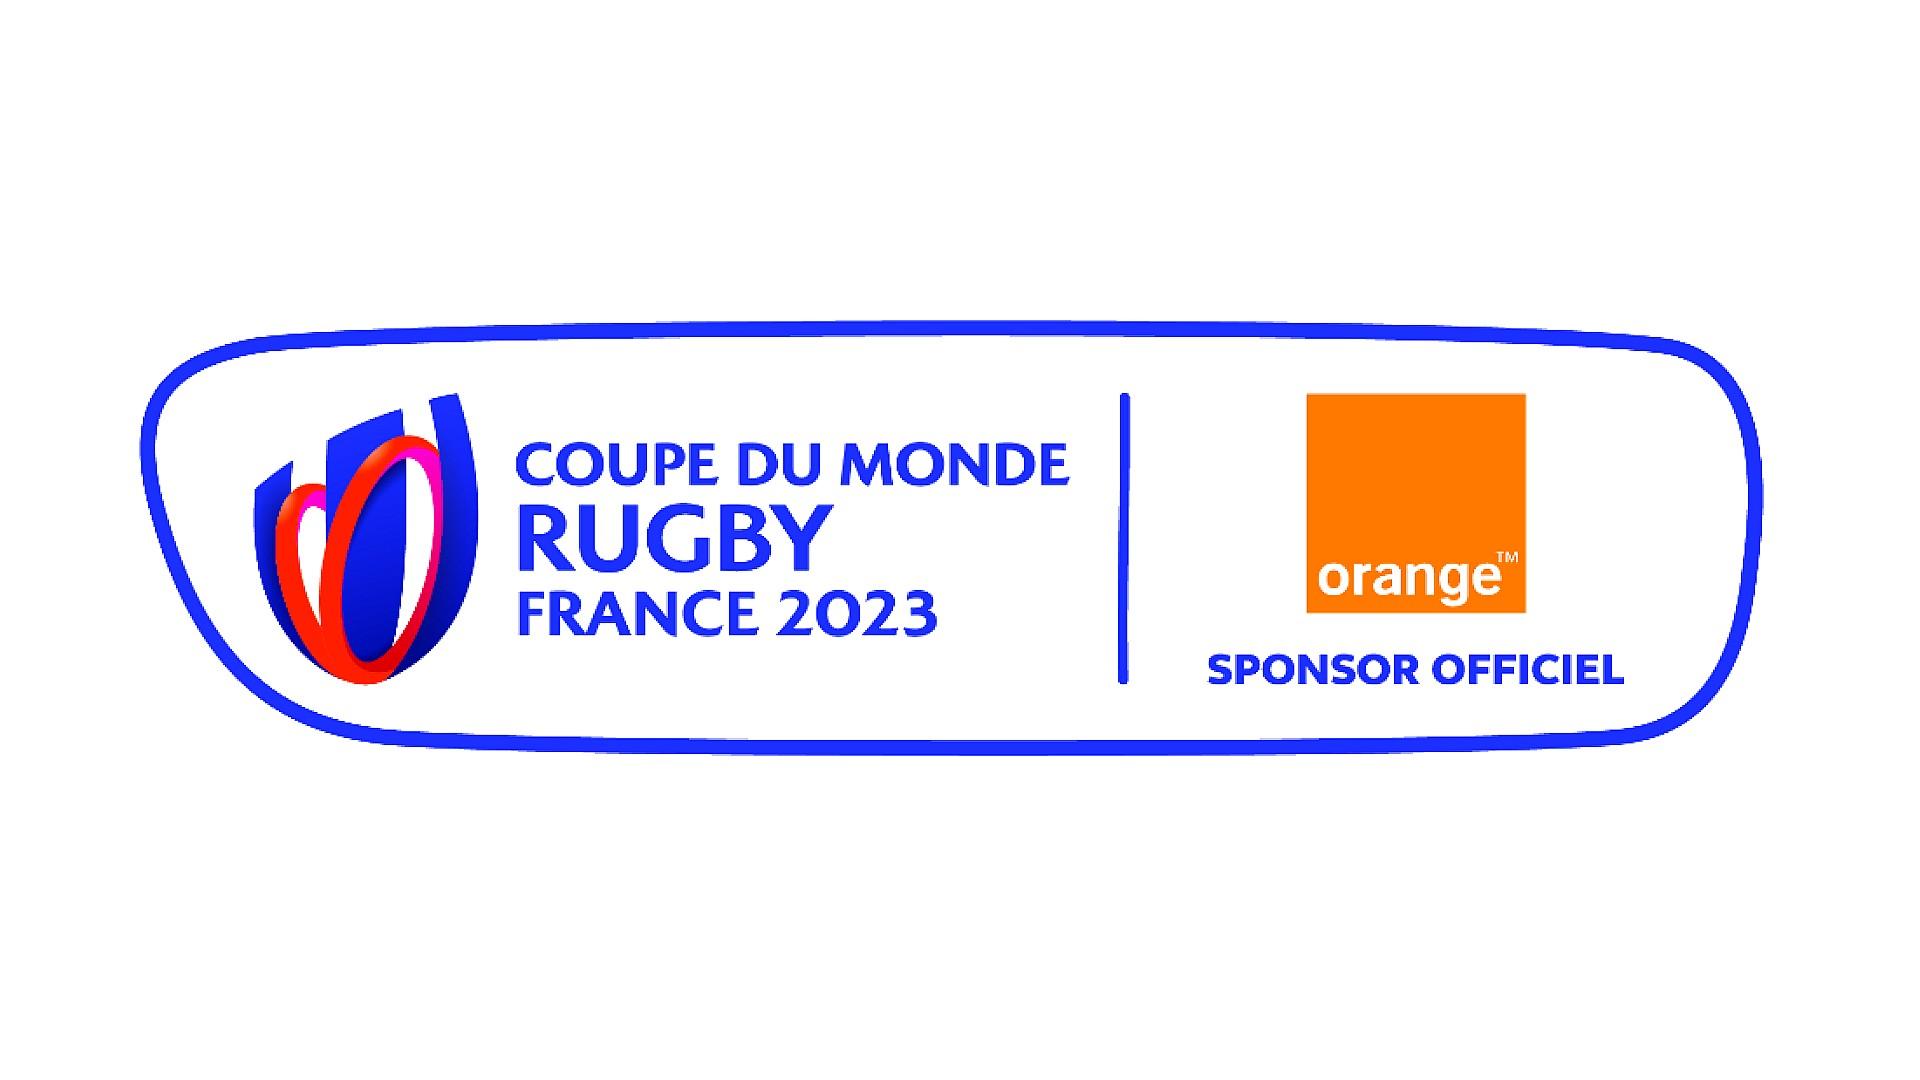 Orange x Coupe du monde France 2023 (rugby)